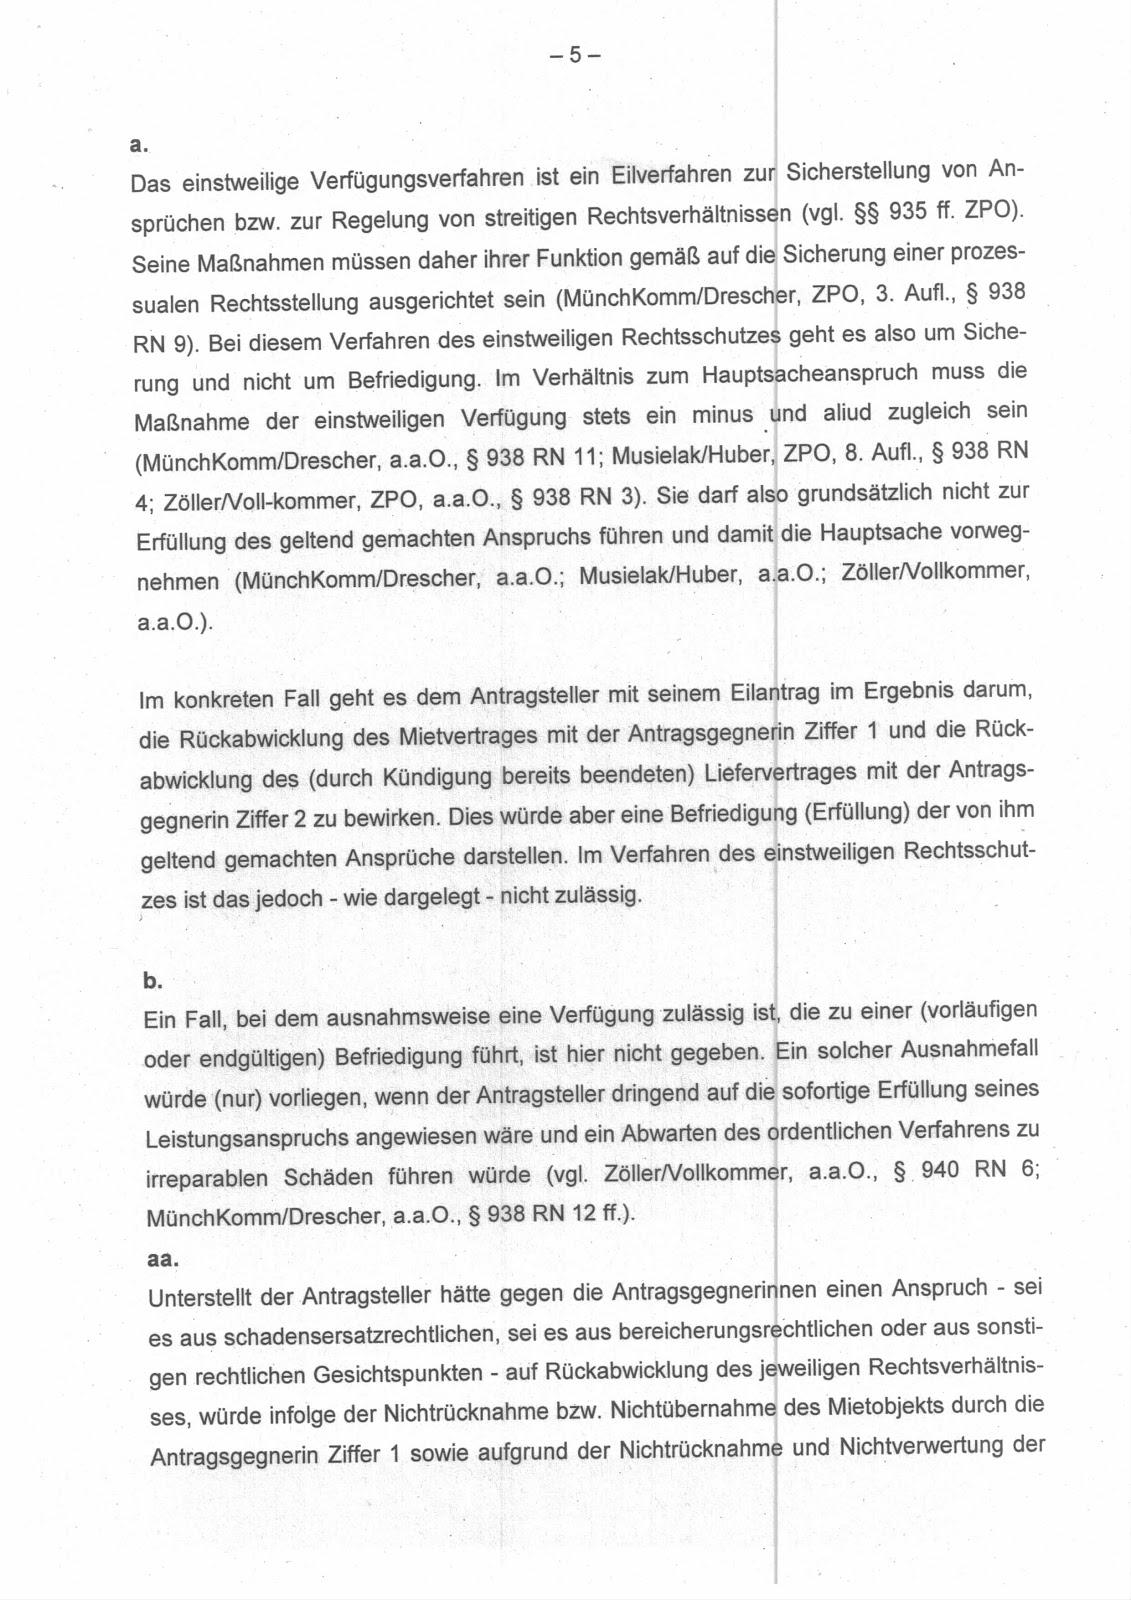 Fantastisch Liefervertrag Vorlage Bilder - Beispiel Wiederaufnahme ...